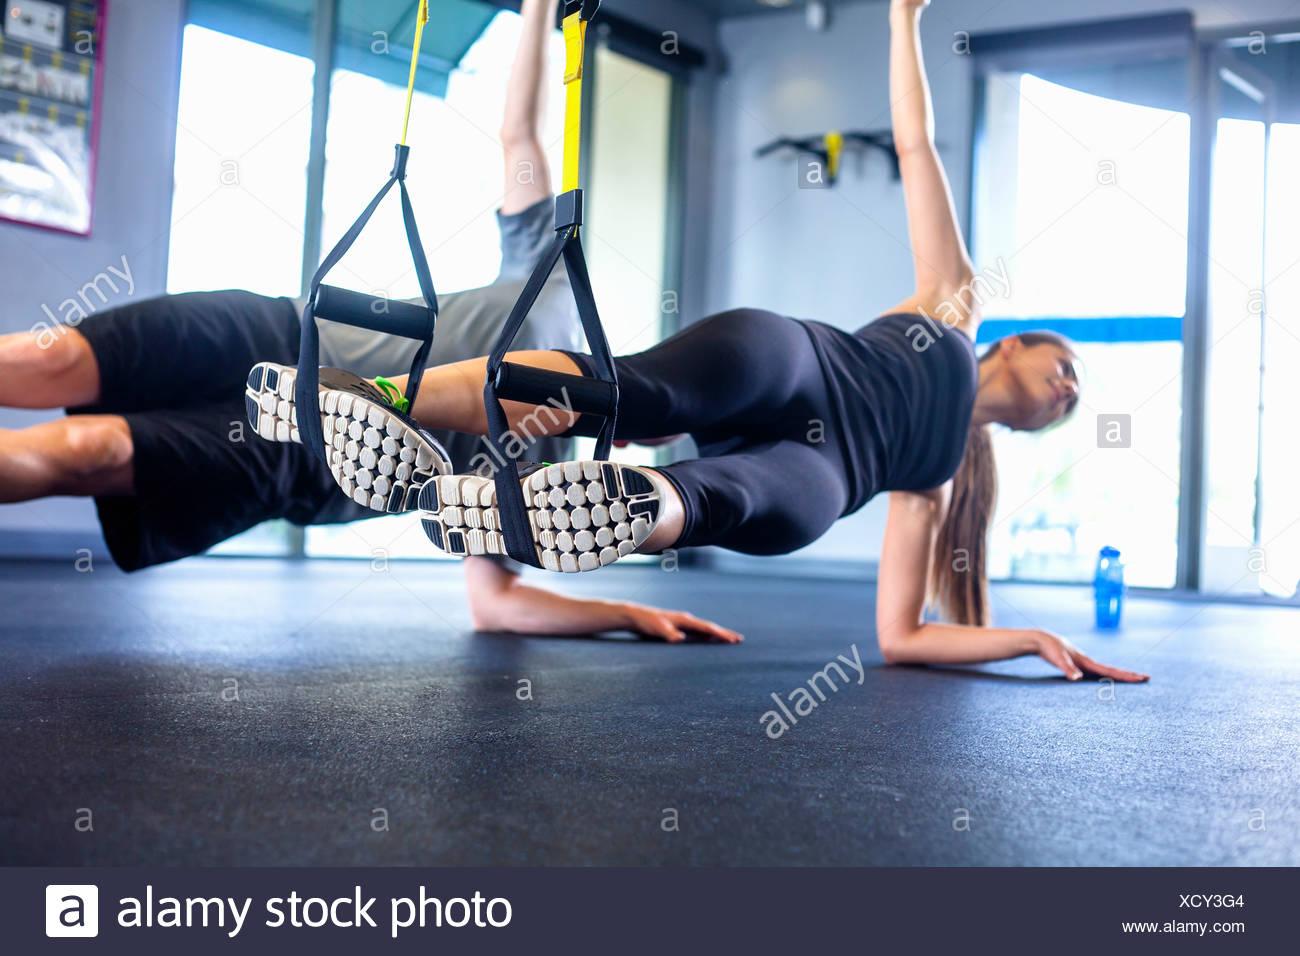 Par hacer ejercicio plancha lateral Imagen De Stock